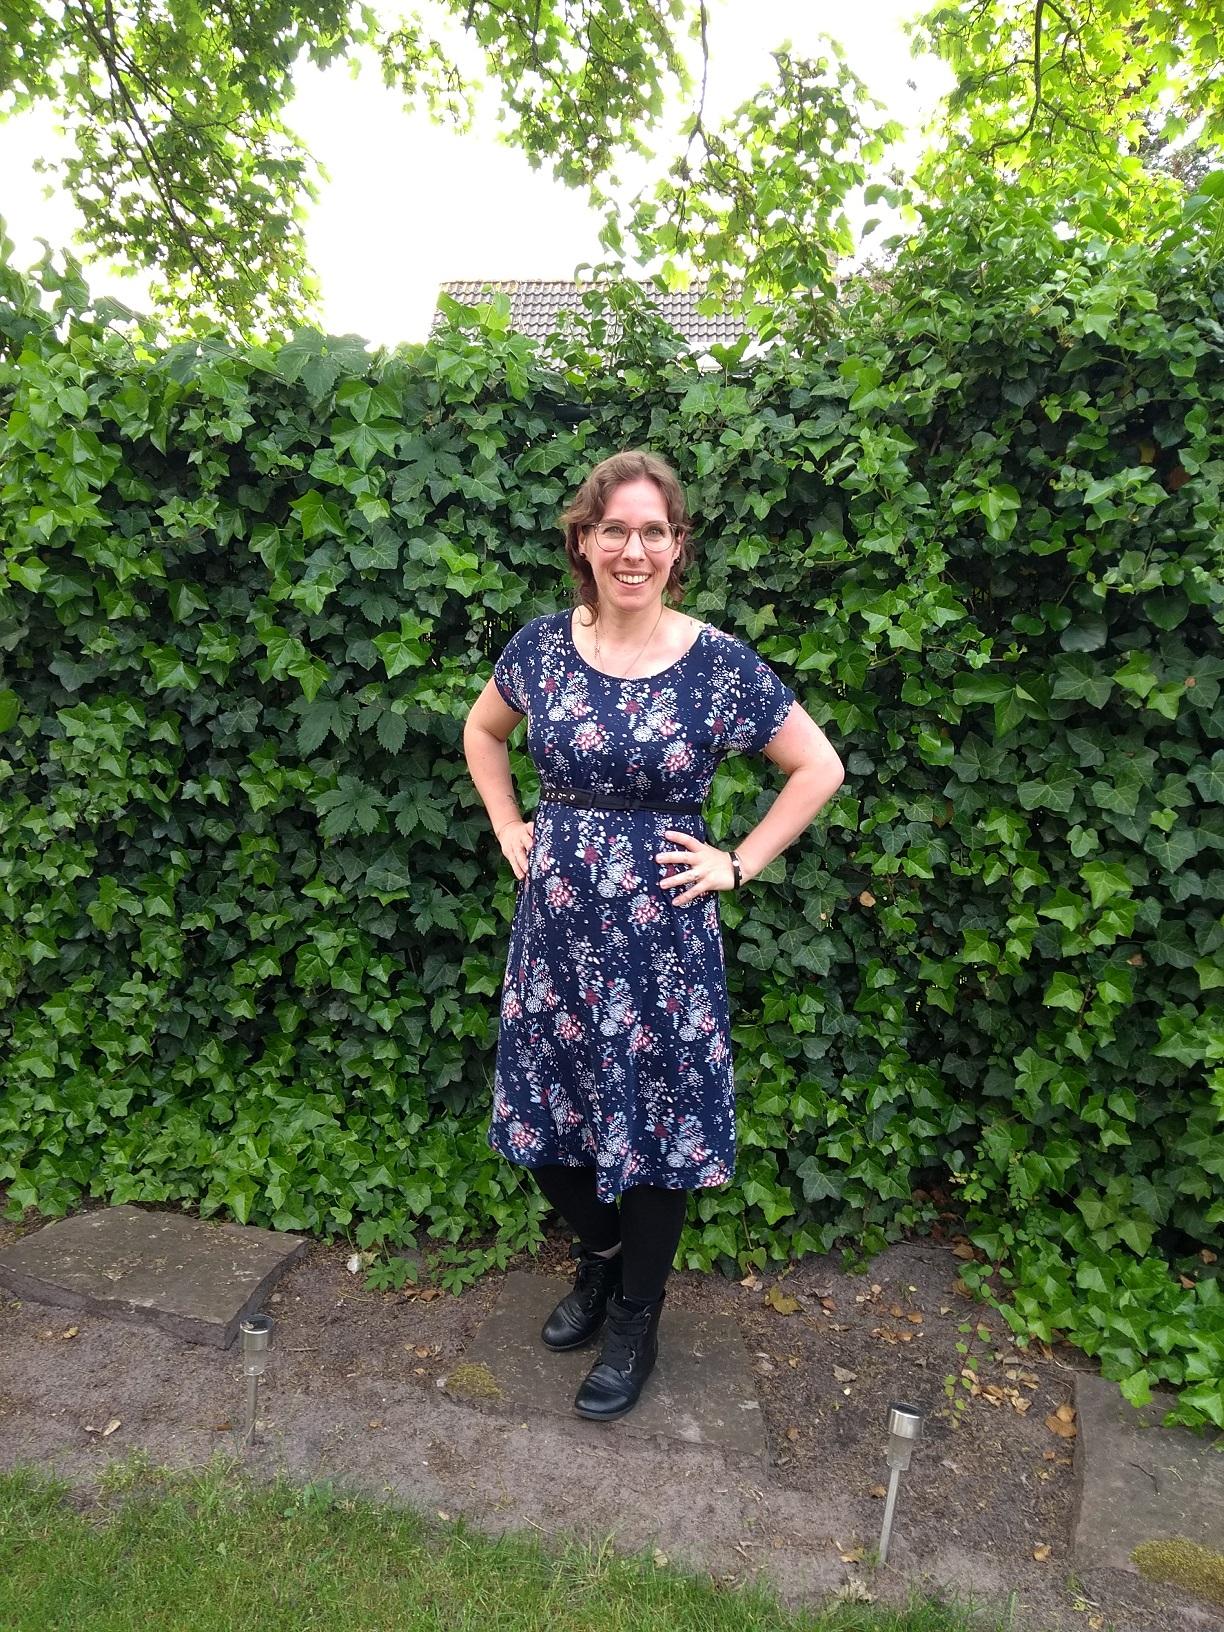 zwanger, zwangerschap, derde zwangerschap, buik, buikfoto's, mamblog, mamalifestyle, blog, lalogblog, lalog, lalog.nl